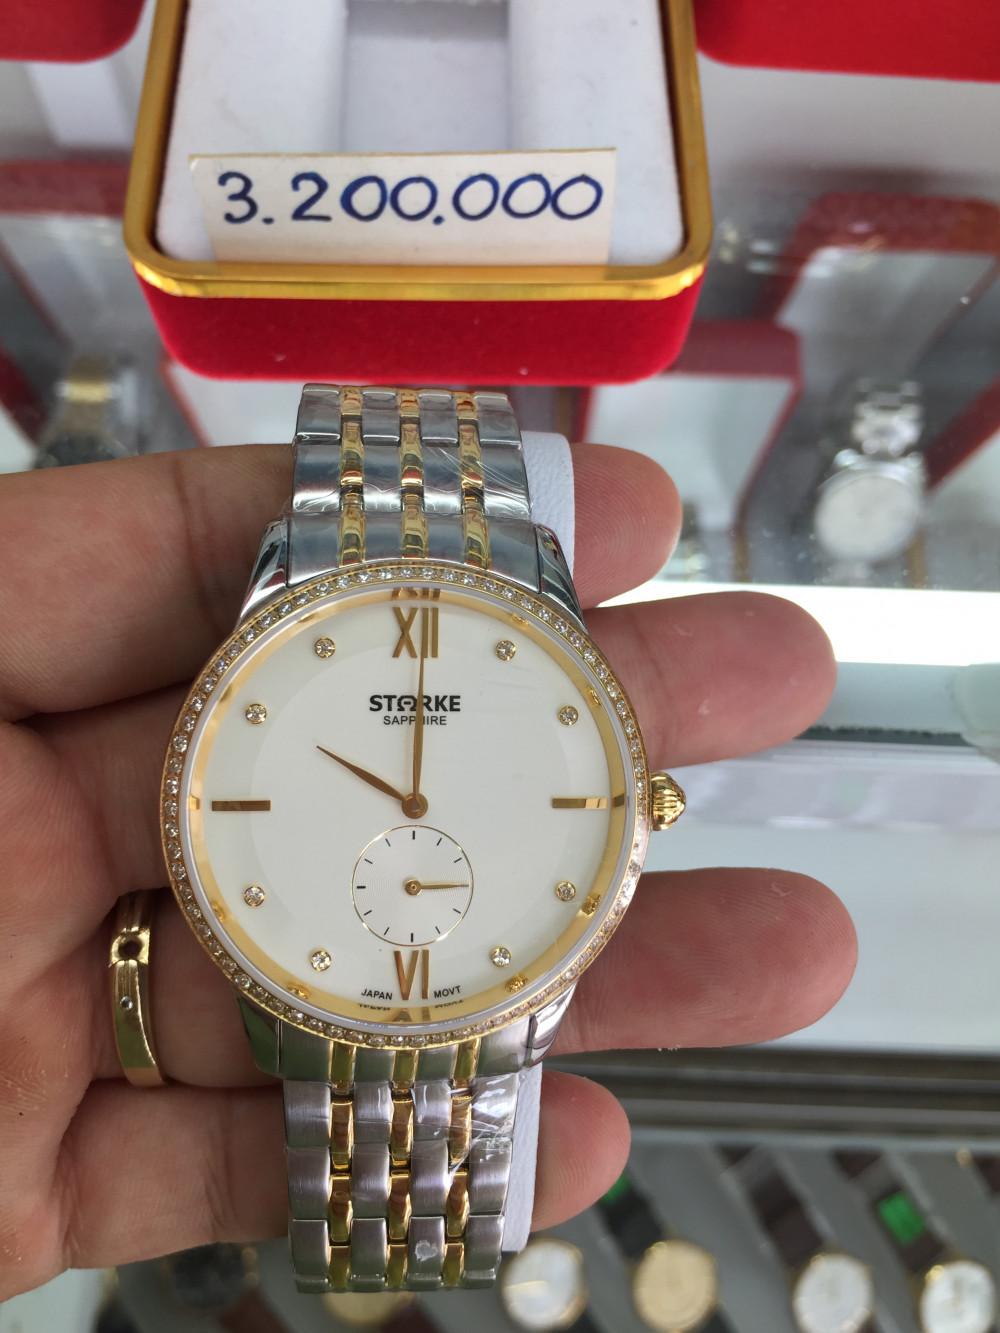 Shop Dong Ho Phu Ly So 169 DTran Hung Dao Phu Ly Ha Nam chuyen sua chua mua ban dong ho nam nu re